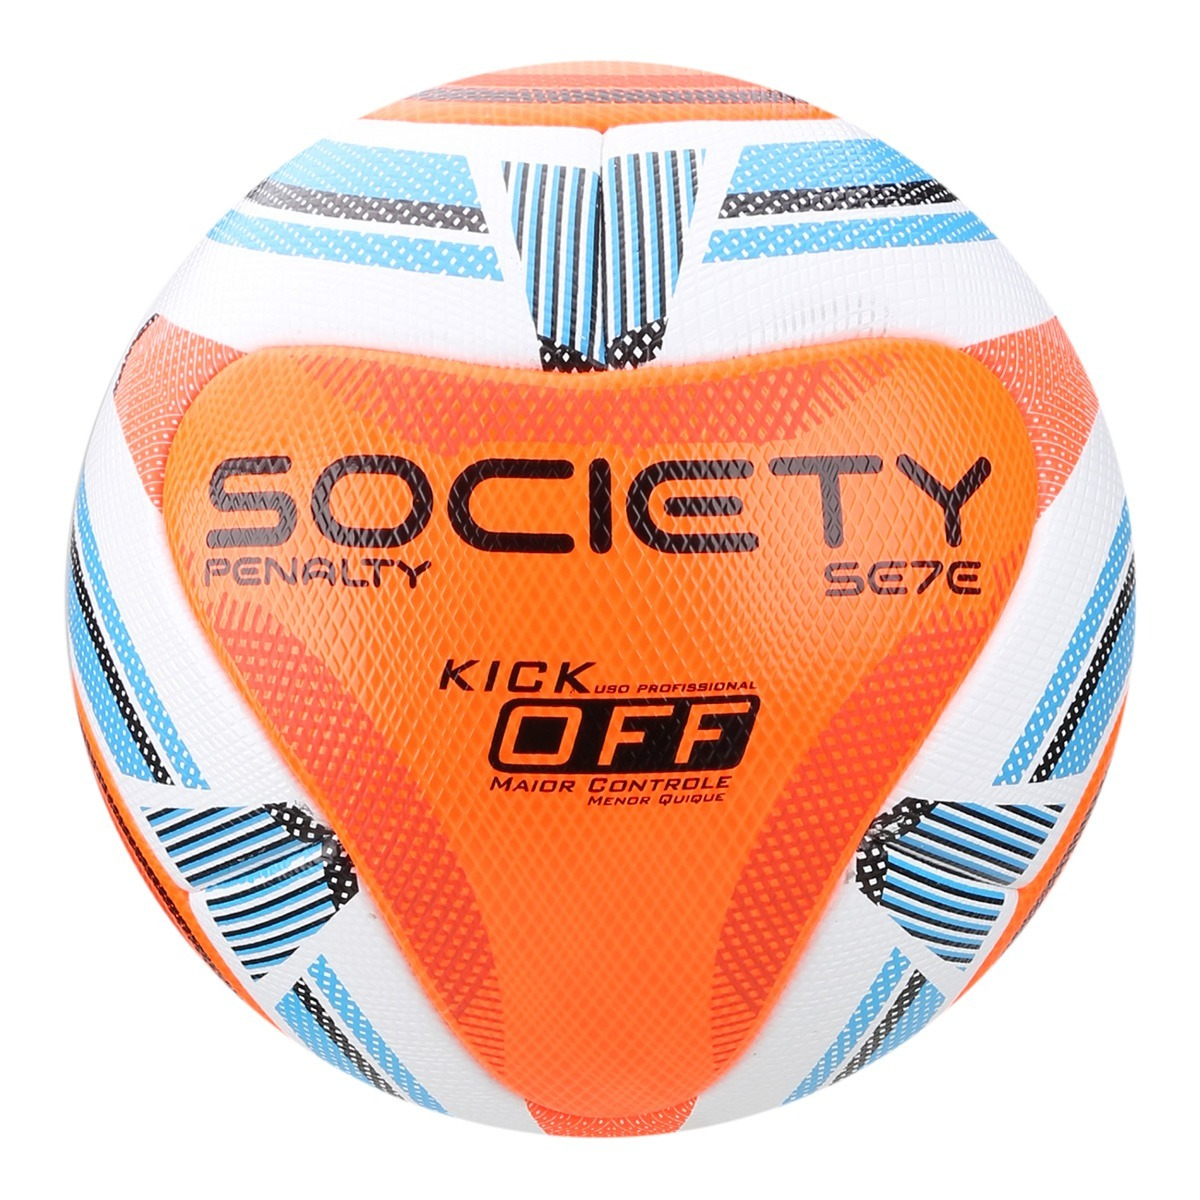 f04bb046b bola penalty futebol society s11 r1 se7e 9 astro kickoff. Carregando zoom.